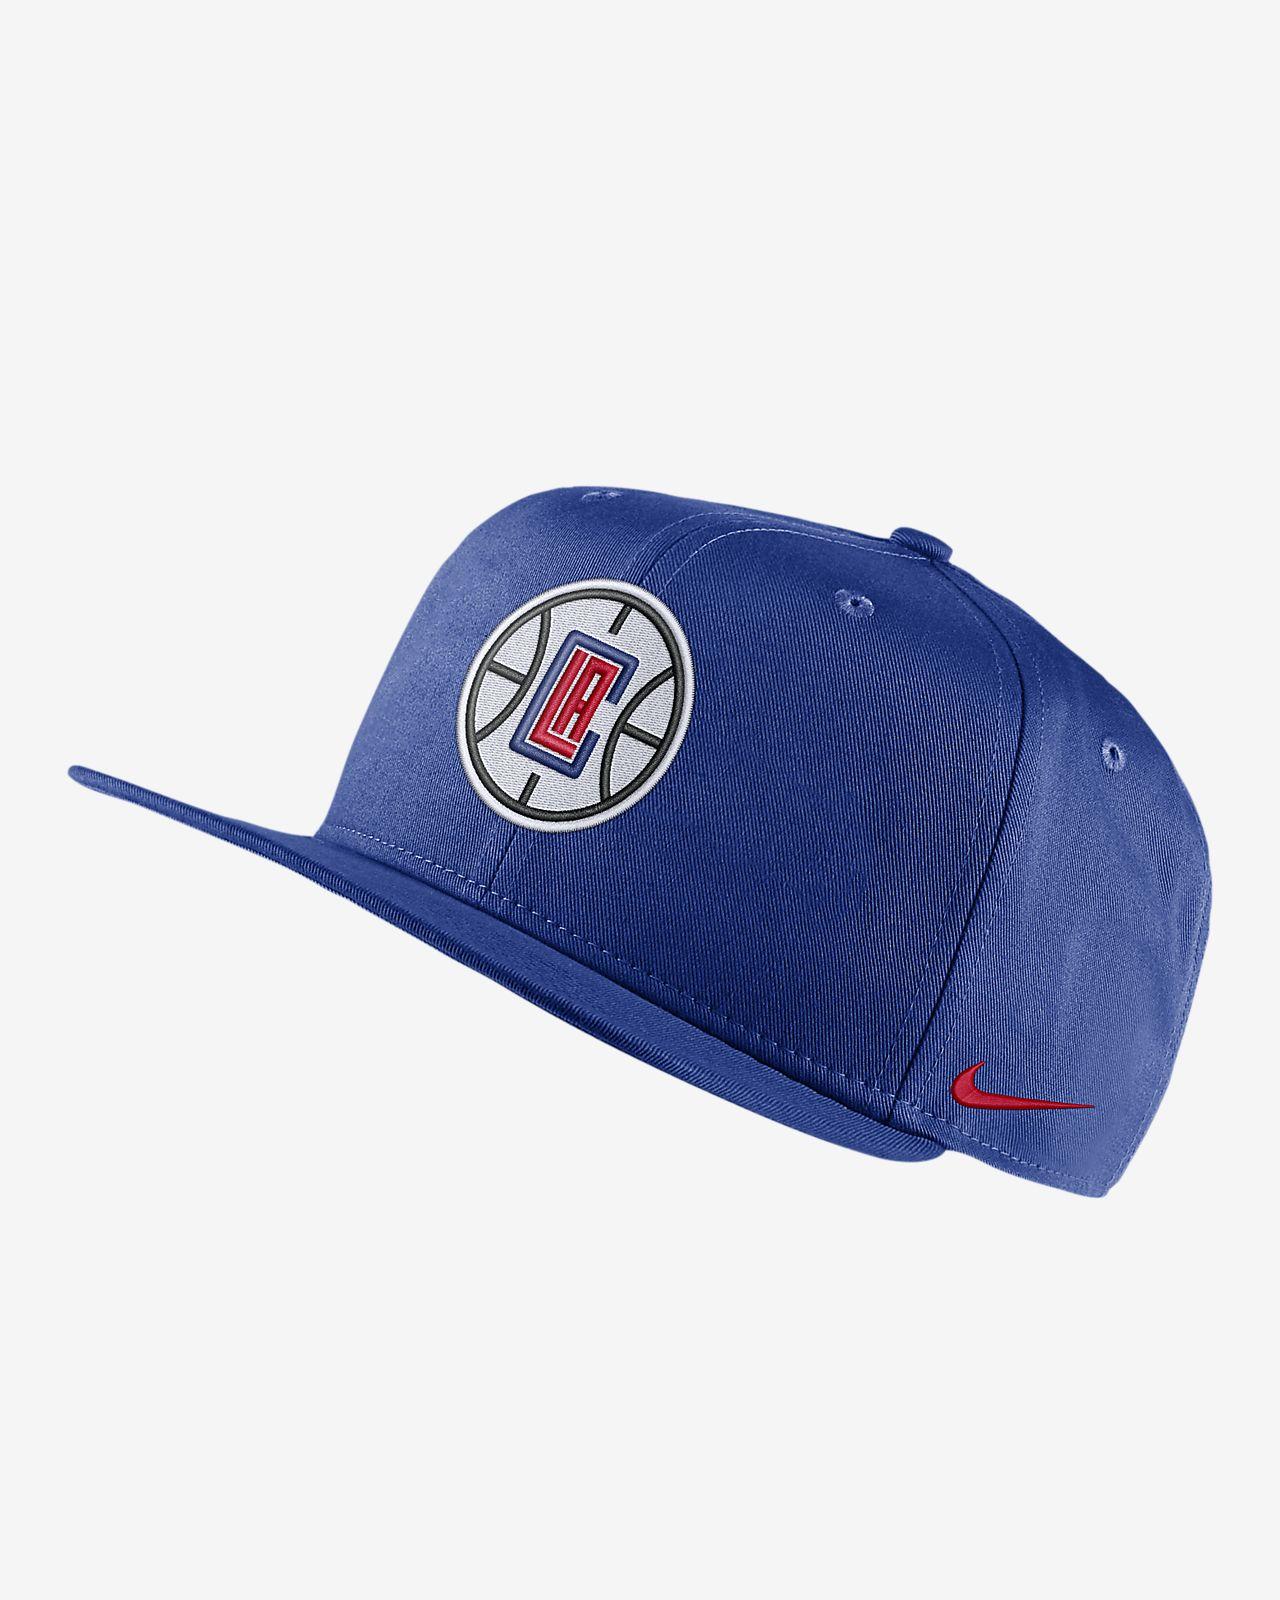 LA Clippers Nike Pro NBA Cap